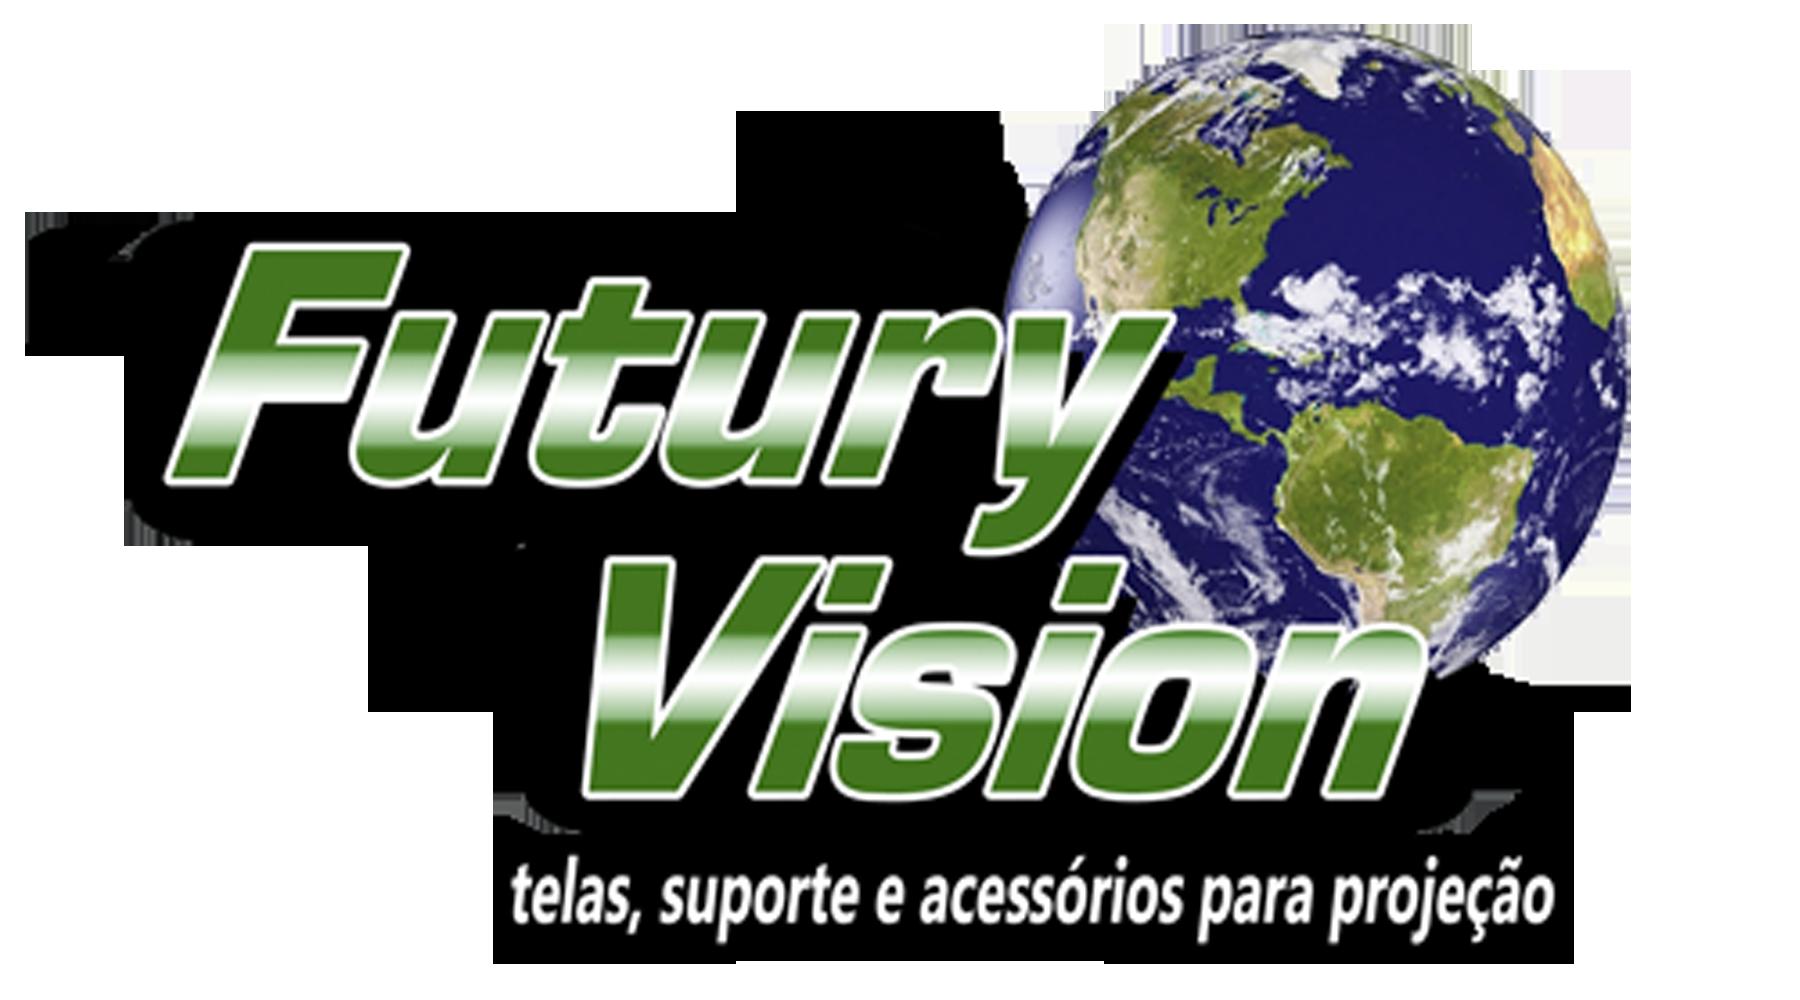 FUTURY VISION TELAS, SUPORTES E ACESSÓRIOS PARA PROJEÇÃO LTDA